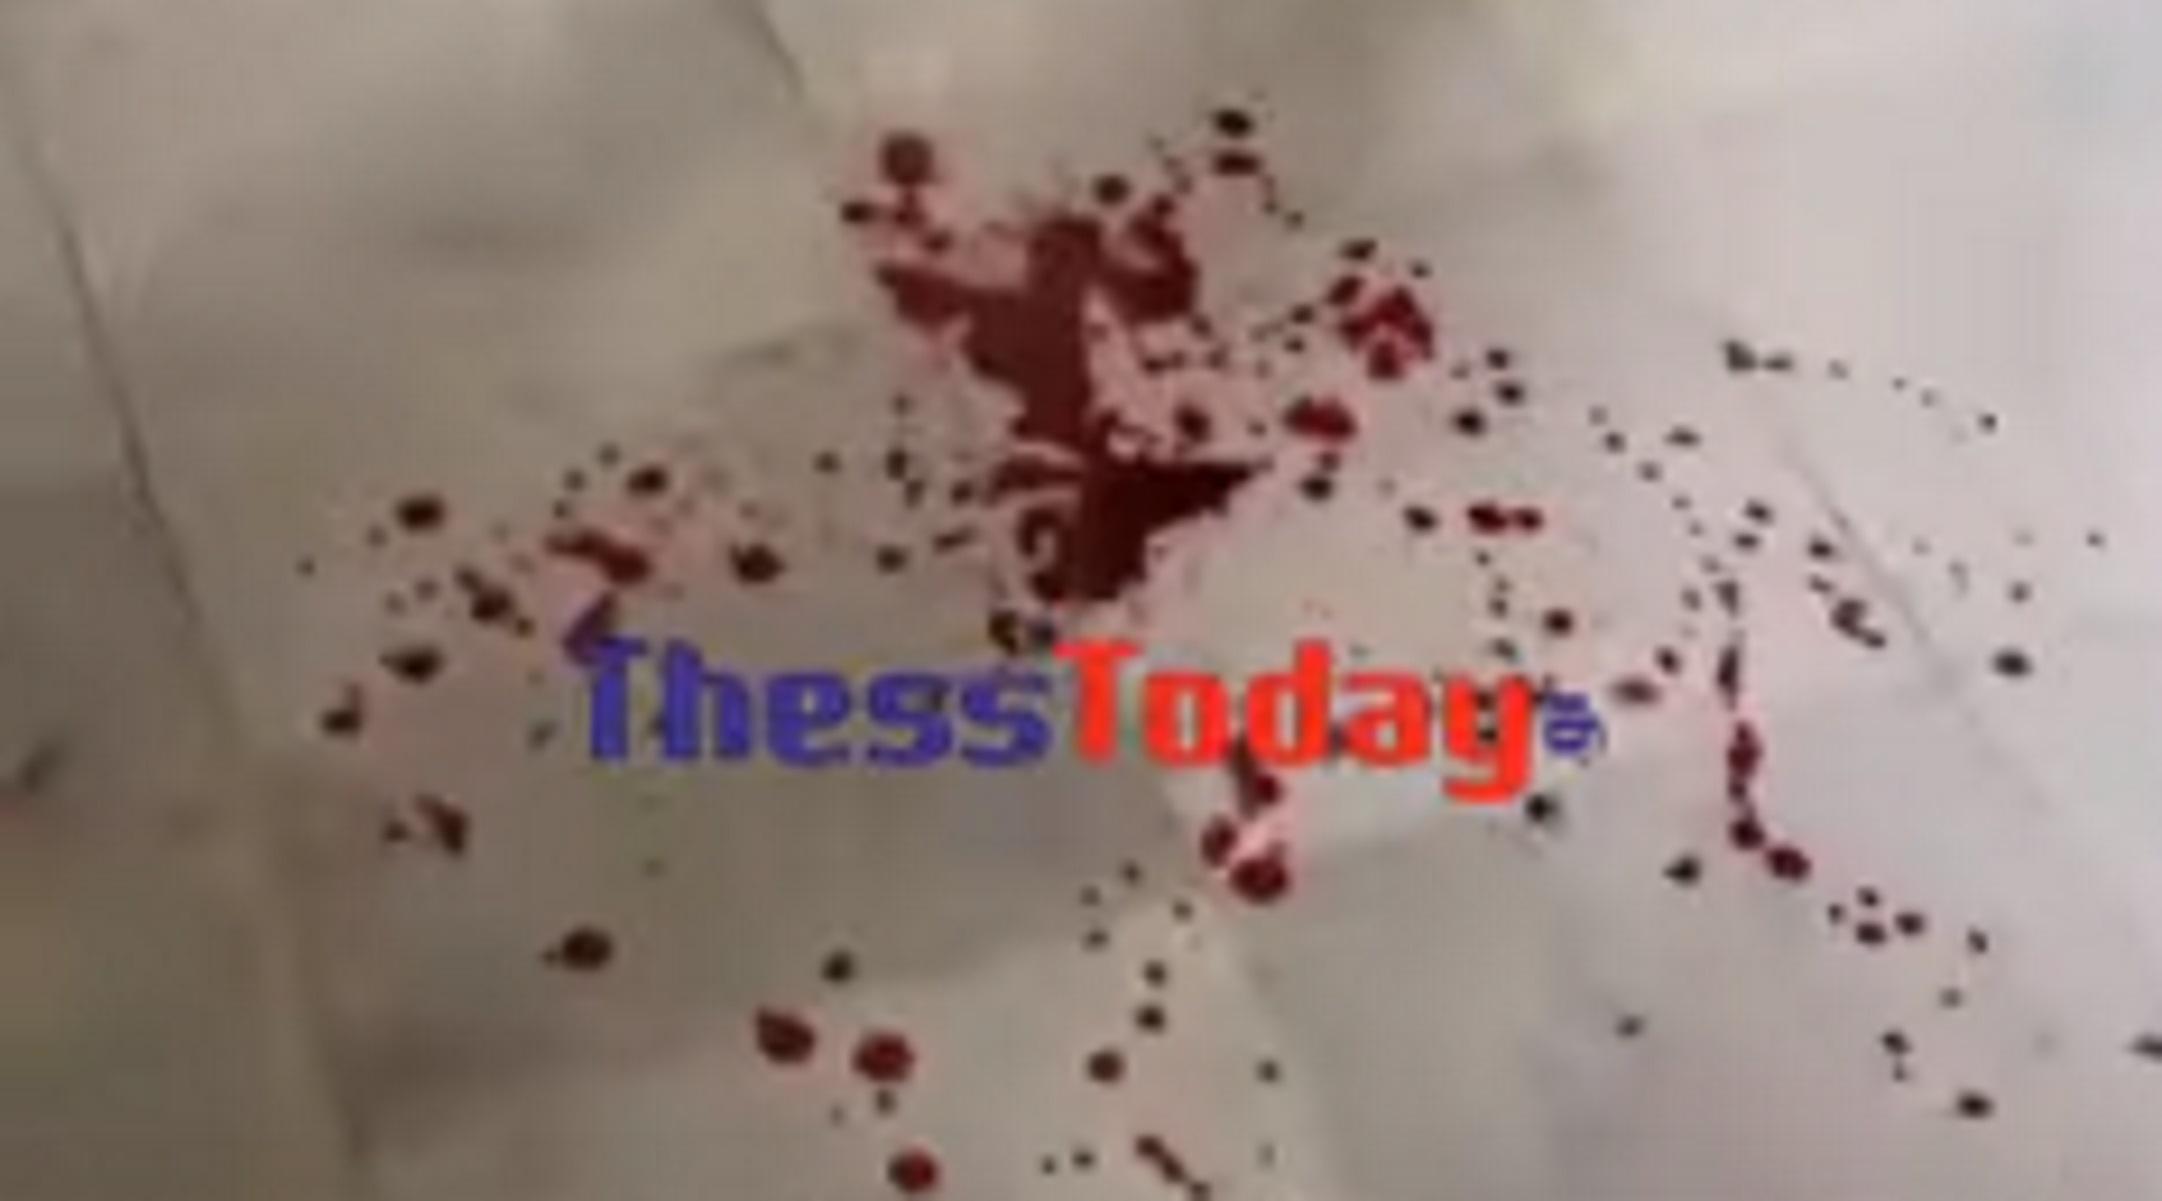 ΕΠΑΛ Σταυρούπολης: Βίντεο ντοκουμέντο δείχνει αίματα στον διάδρομο του σχολείου